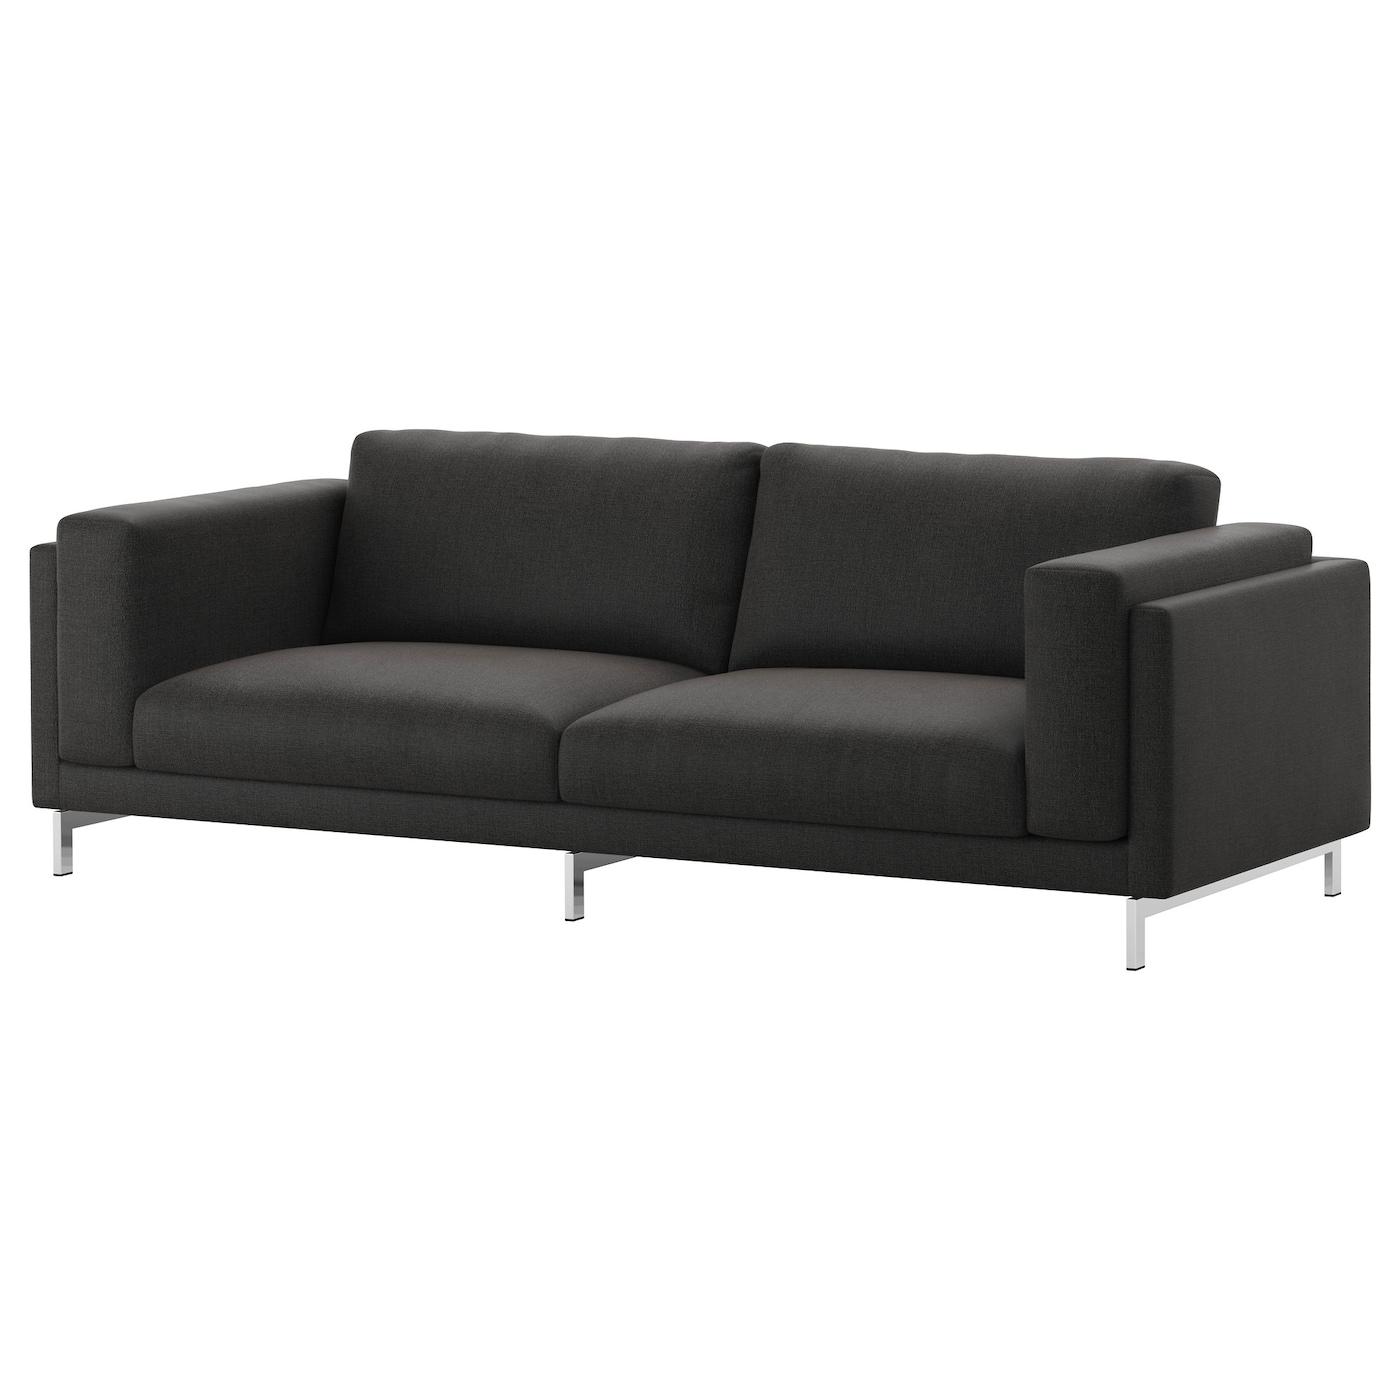 nockeby housse de canap 3pla ten gris fonc ikea. Black Bedroom Furniture Sets. Home Design Ideas